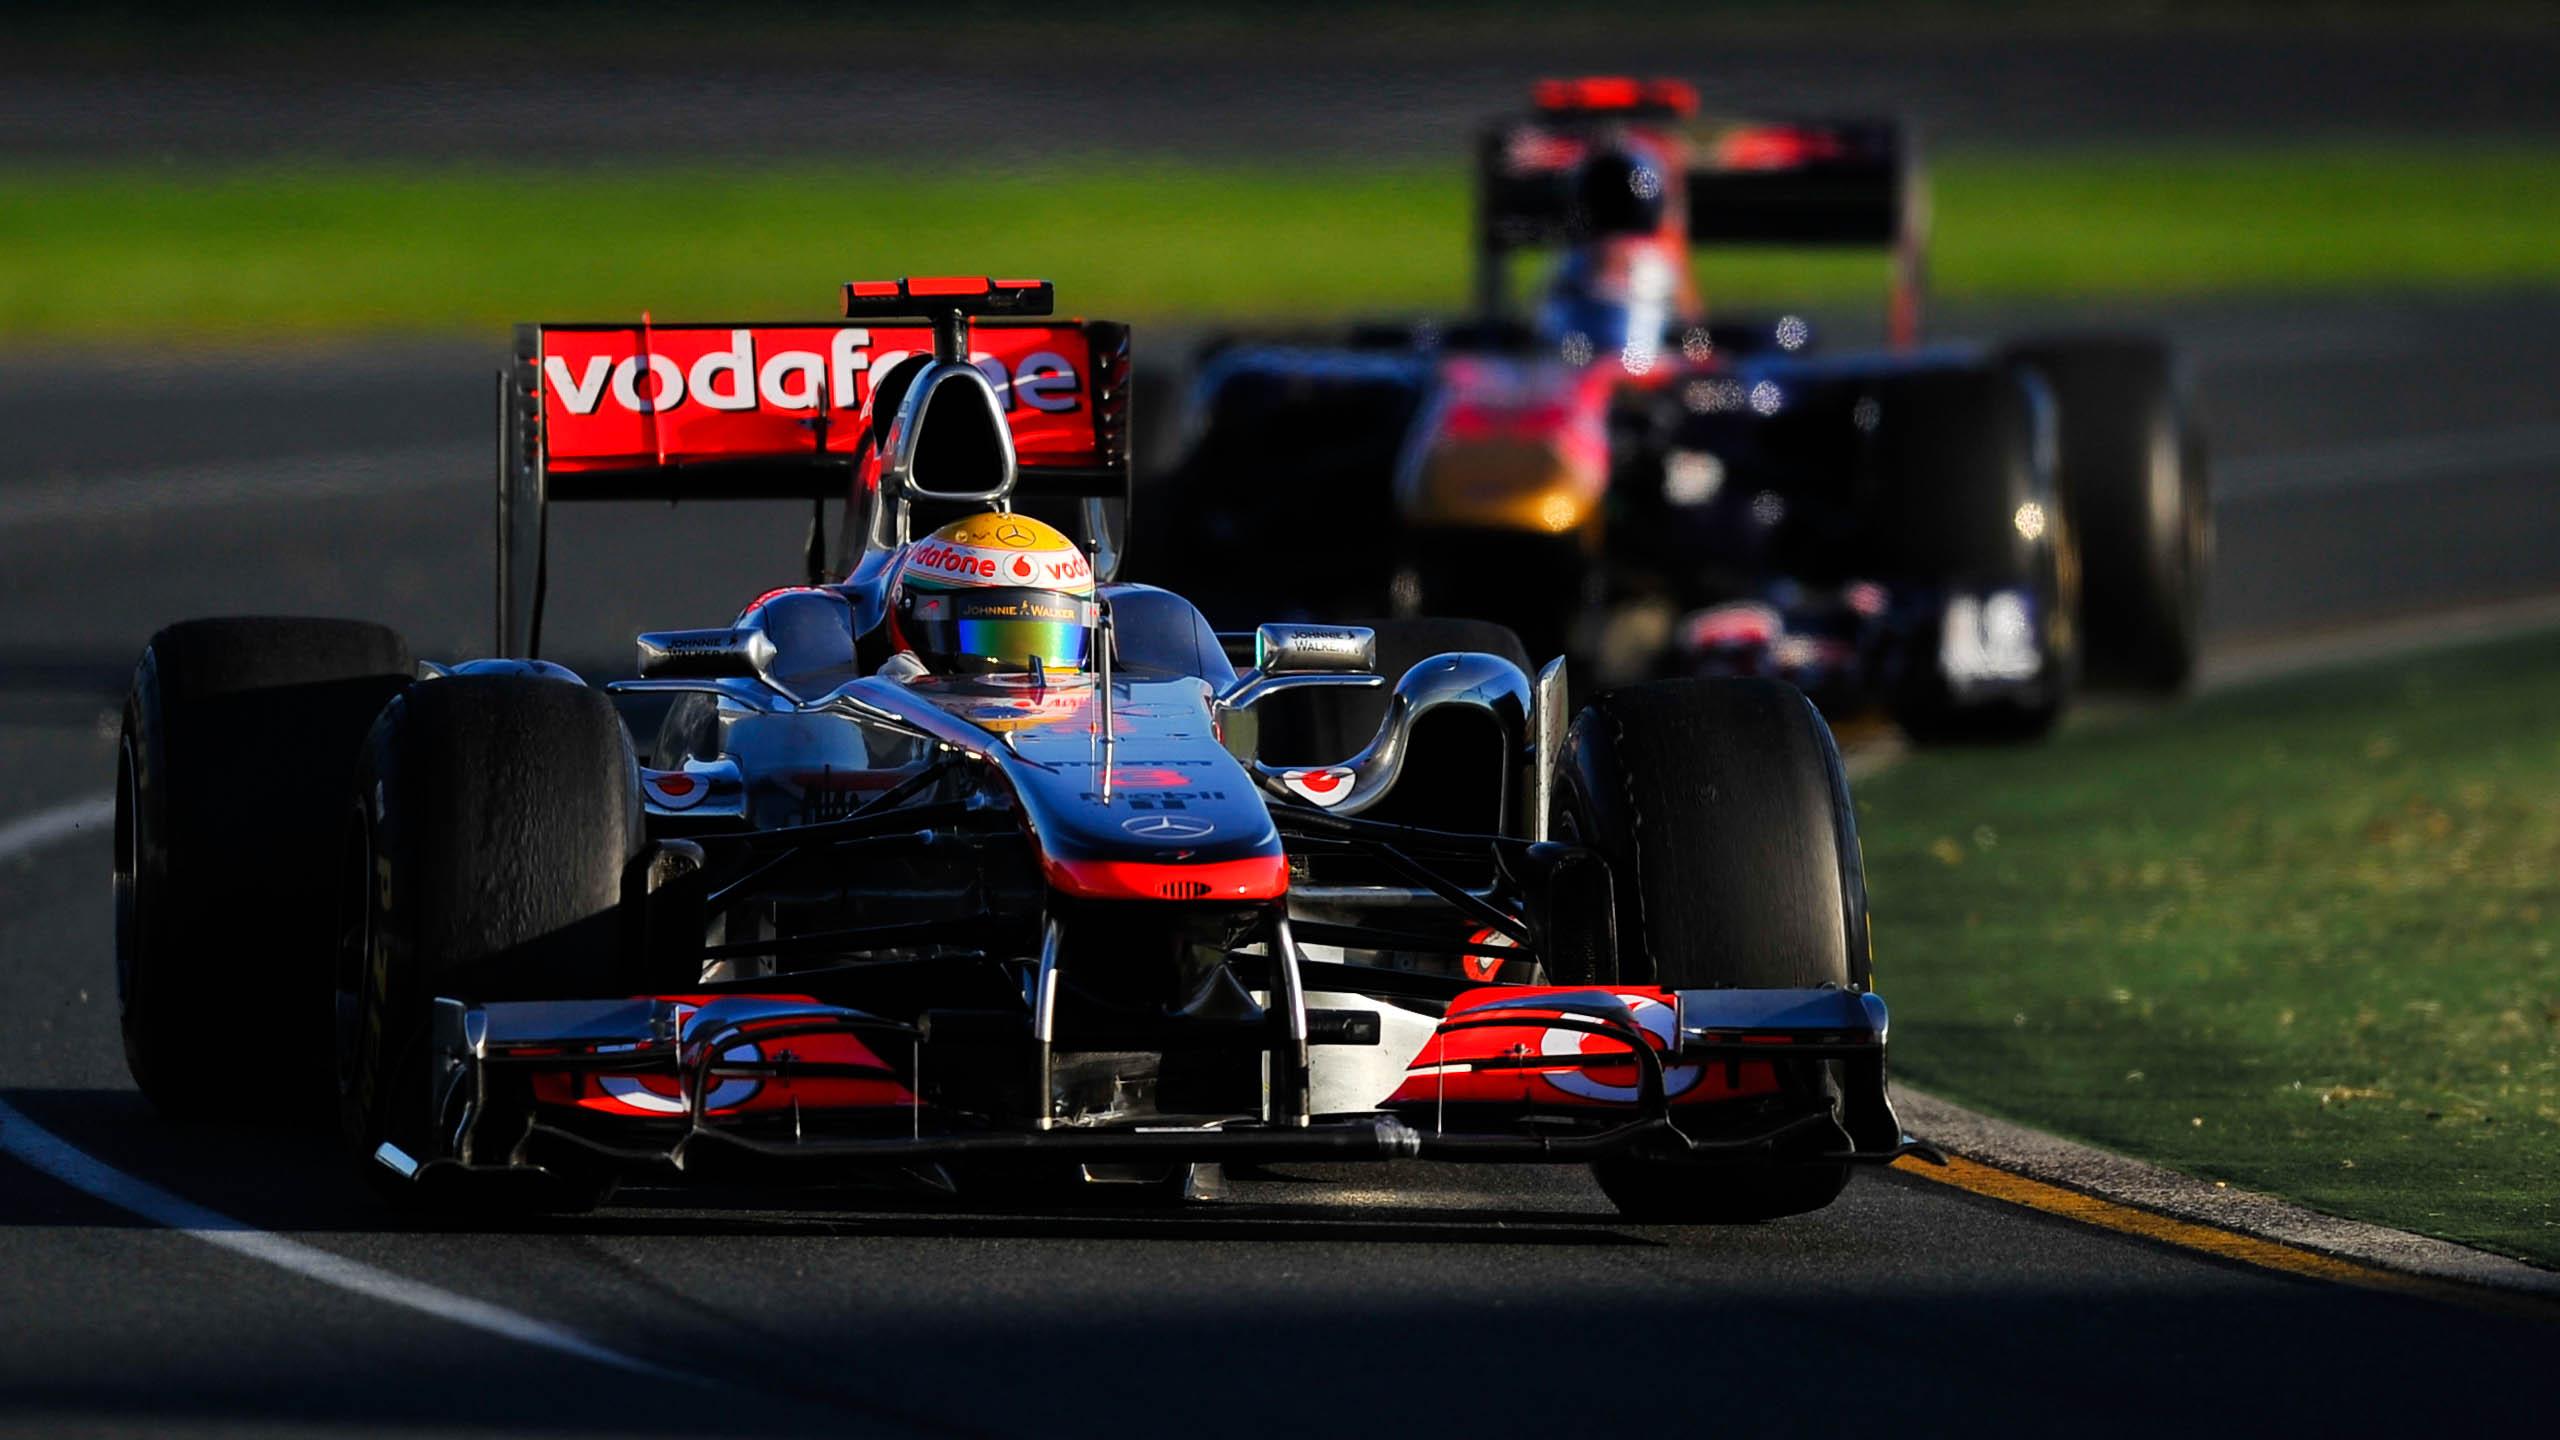 Formula 1 Wallpaper HD 2560x1440